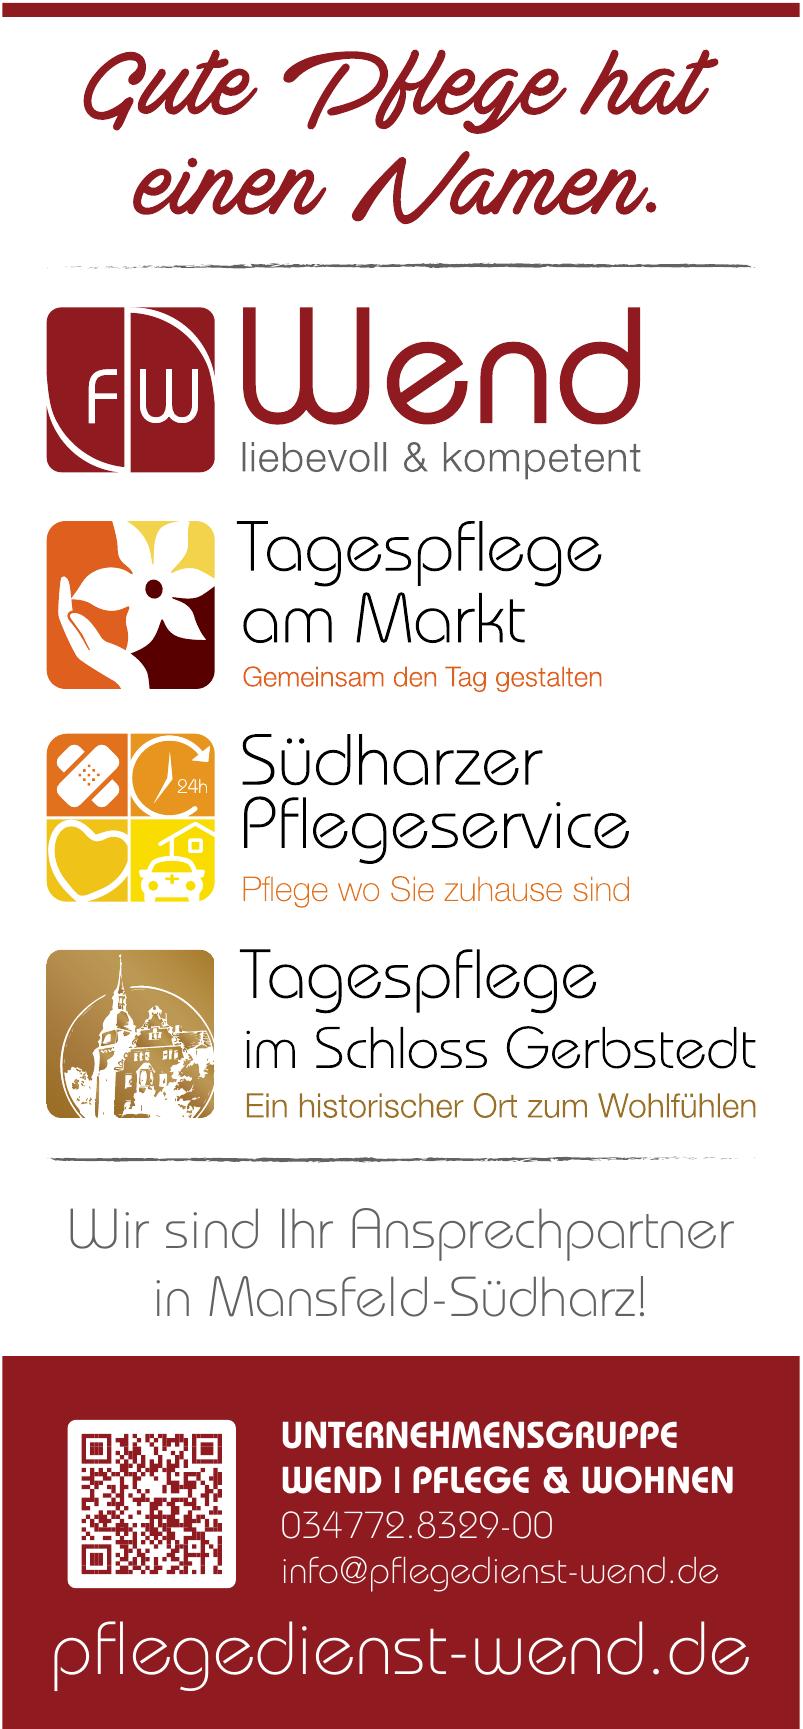 Krankenpflege Wend GmbH